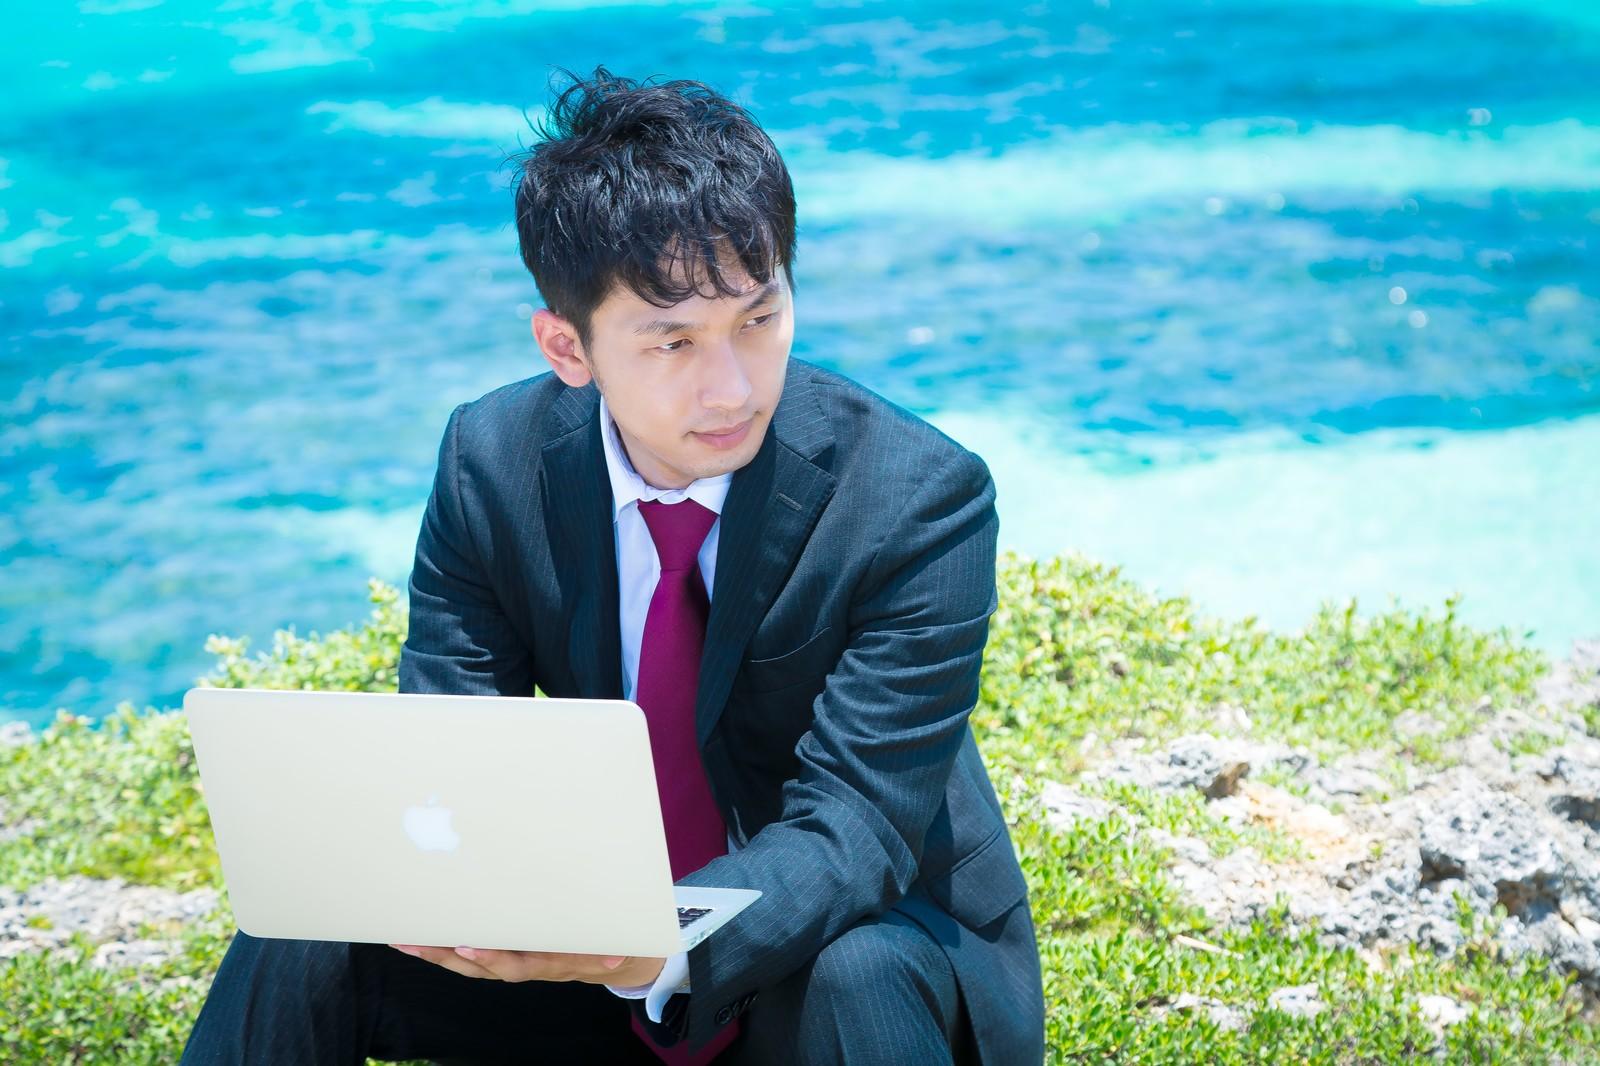 IT経験者から監査法人へ就職の方法